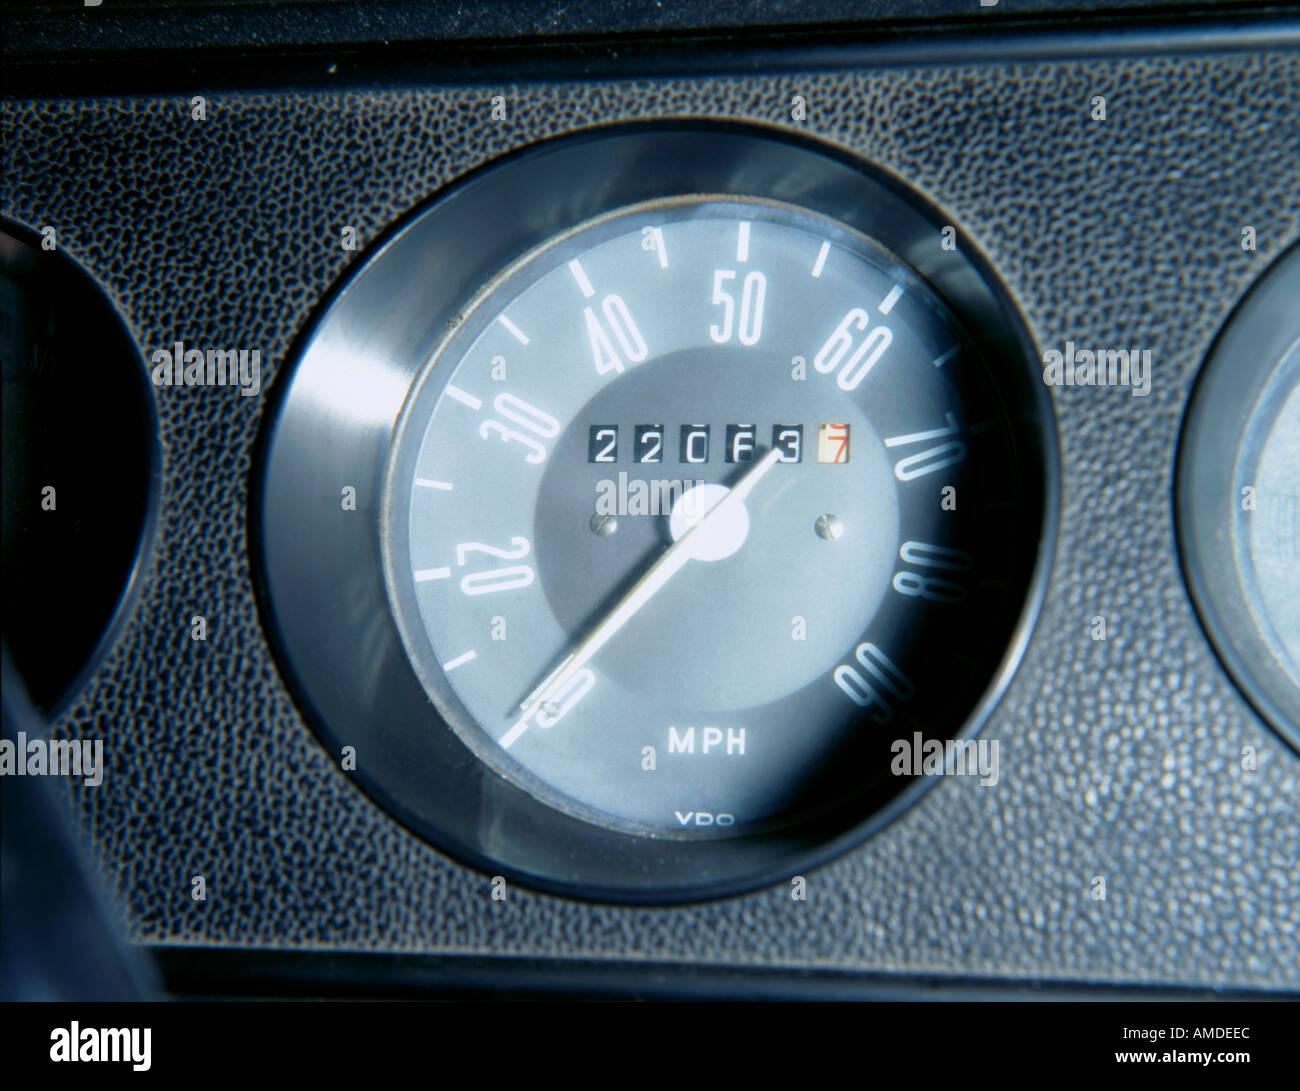 Speedometer Odometer Stock Photos & Speedometer Odometer